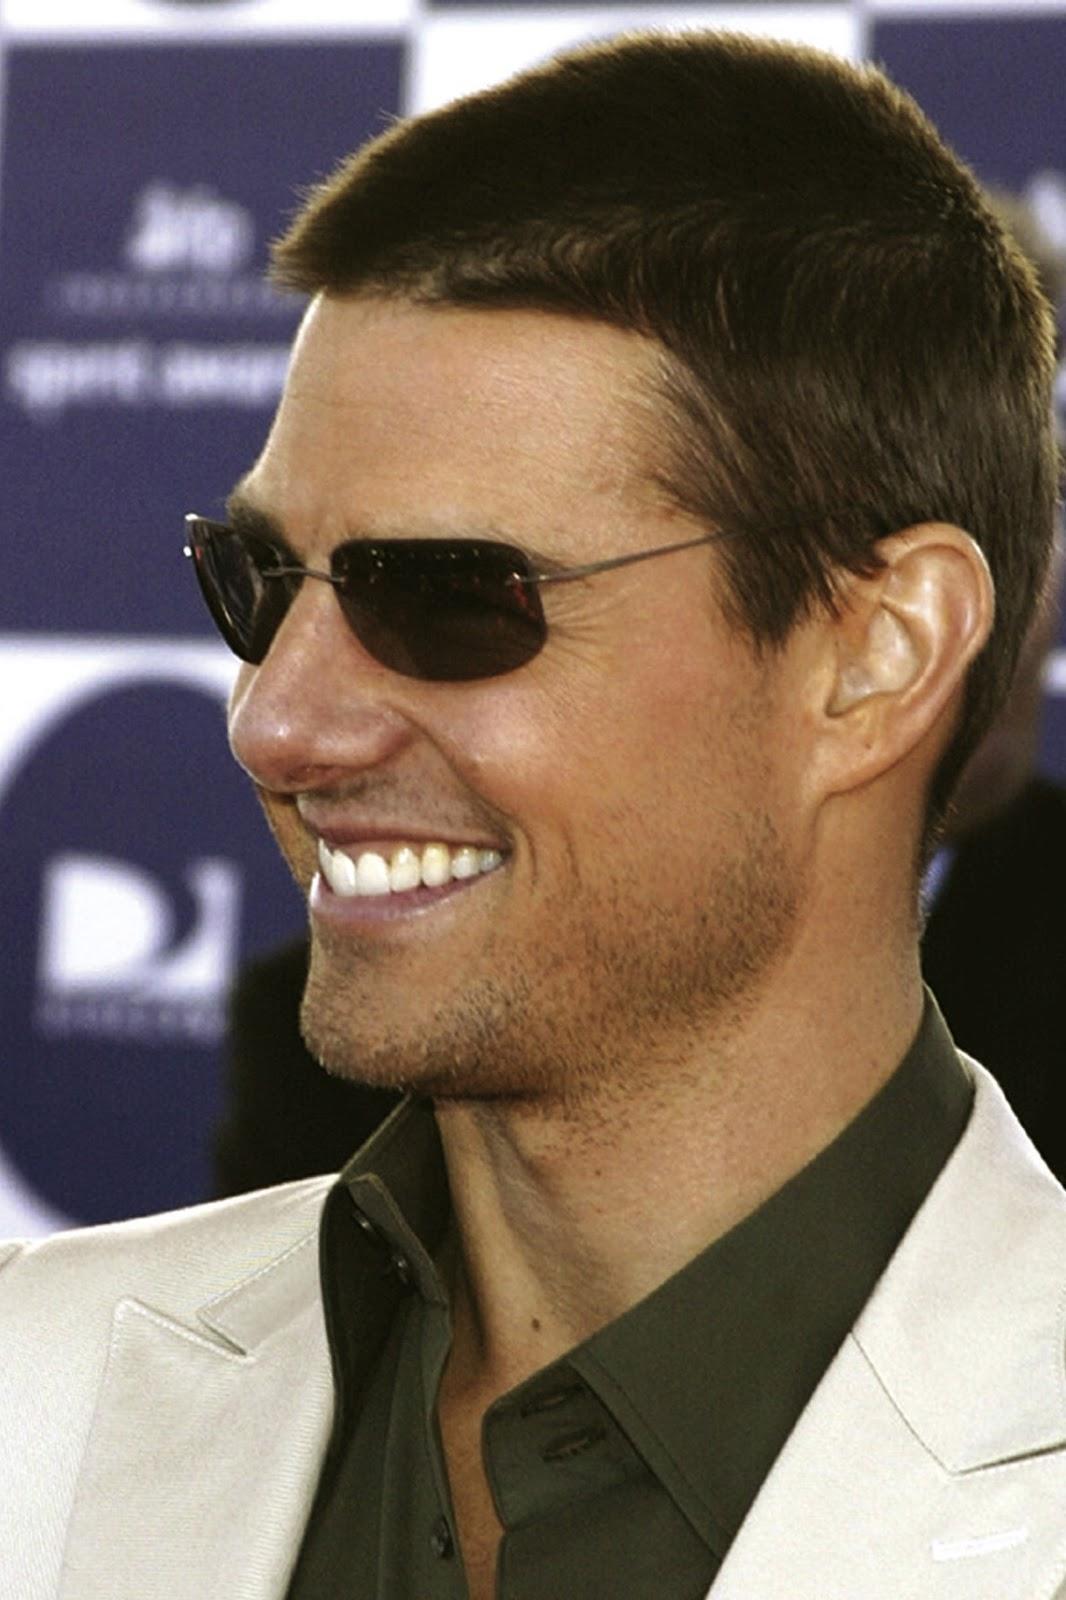 http://3.bp.blogspot.com/-ZxeMUPQwUoo/TZQ1XM8bjAI/AAAAAAAAB0Y/IpIppwSzzSU/s1600/Tom+Cruise+2.jpg